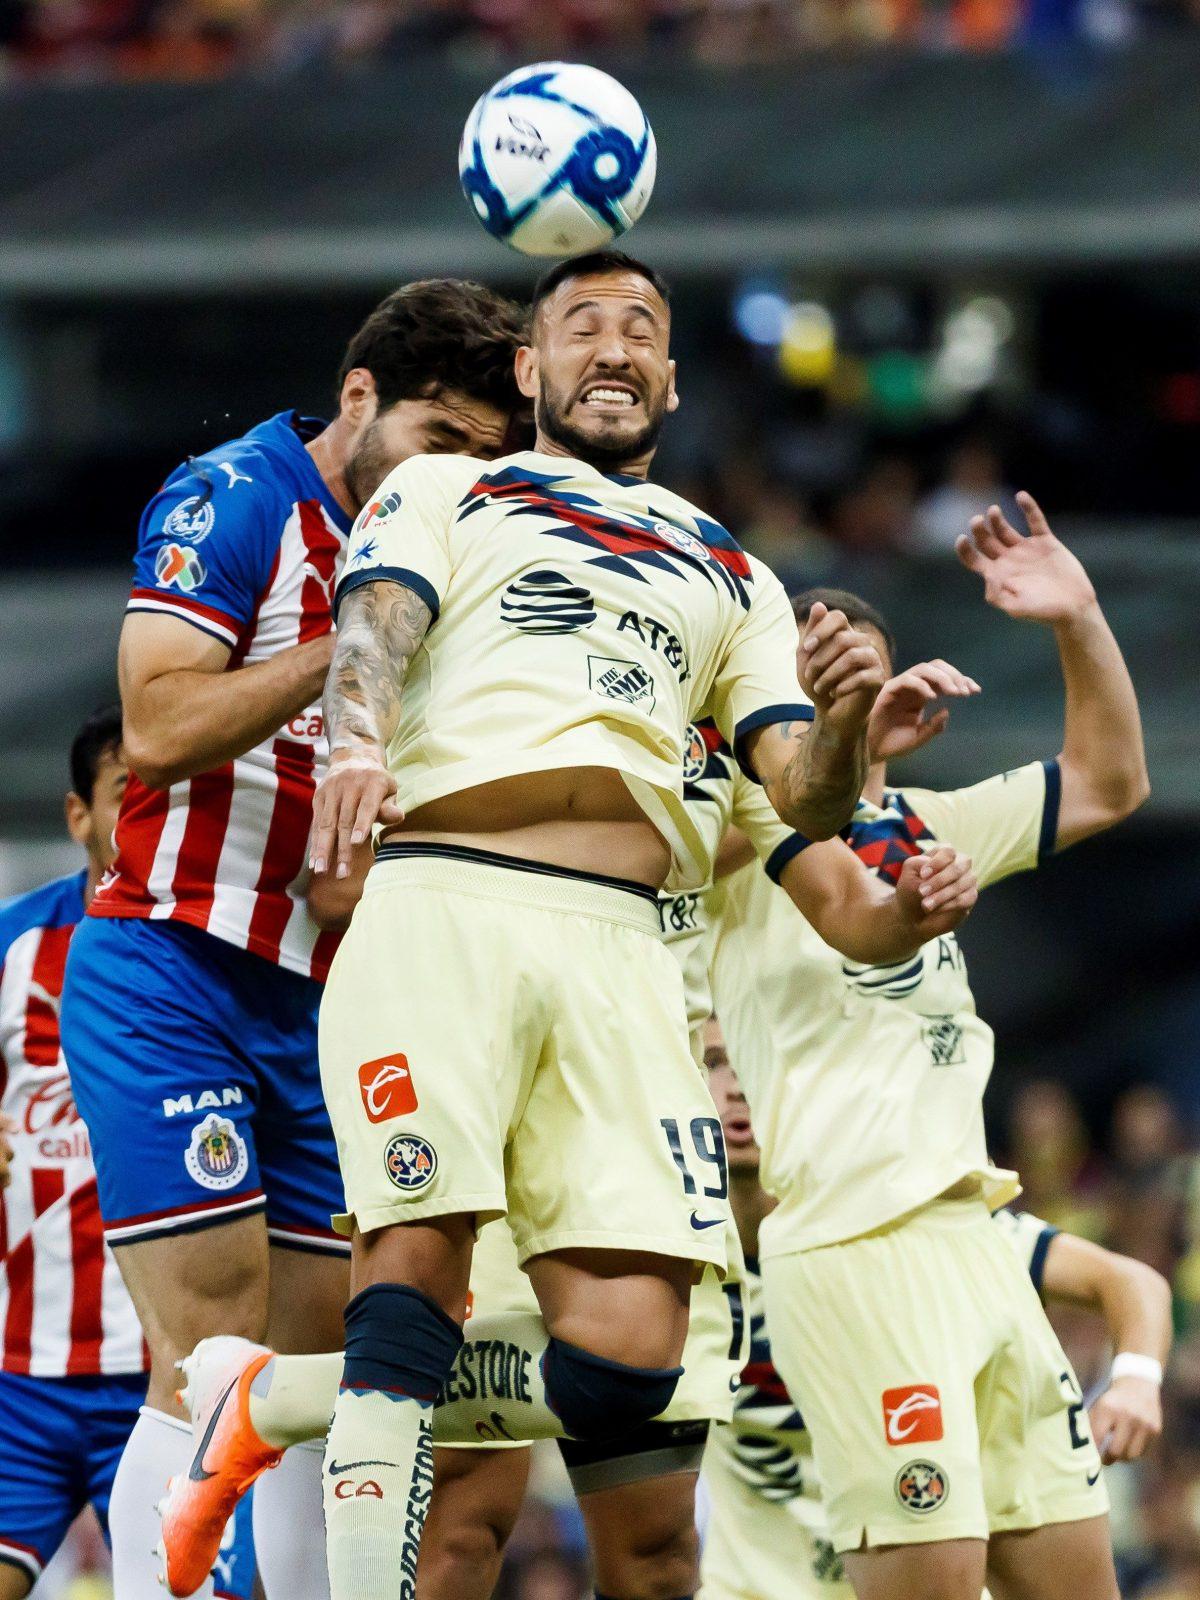 Gobierno de Jalisco aprueba que haya 15 por ciento de aficionados en el clásico Chivas contra América